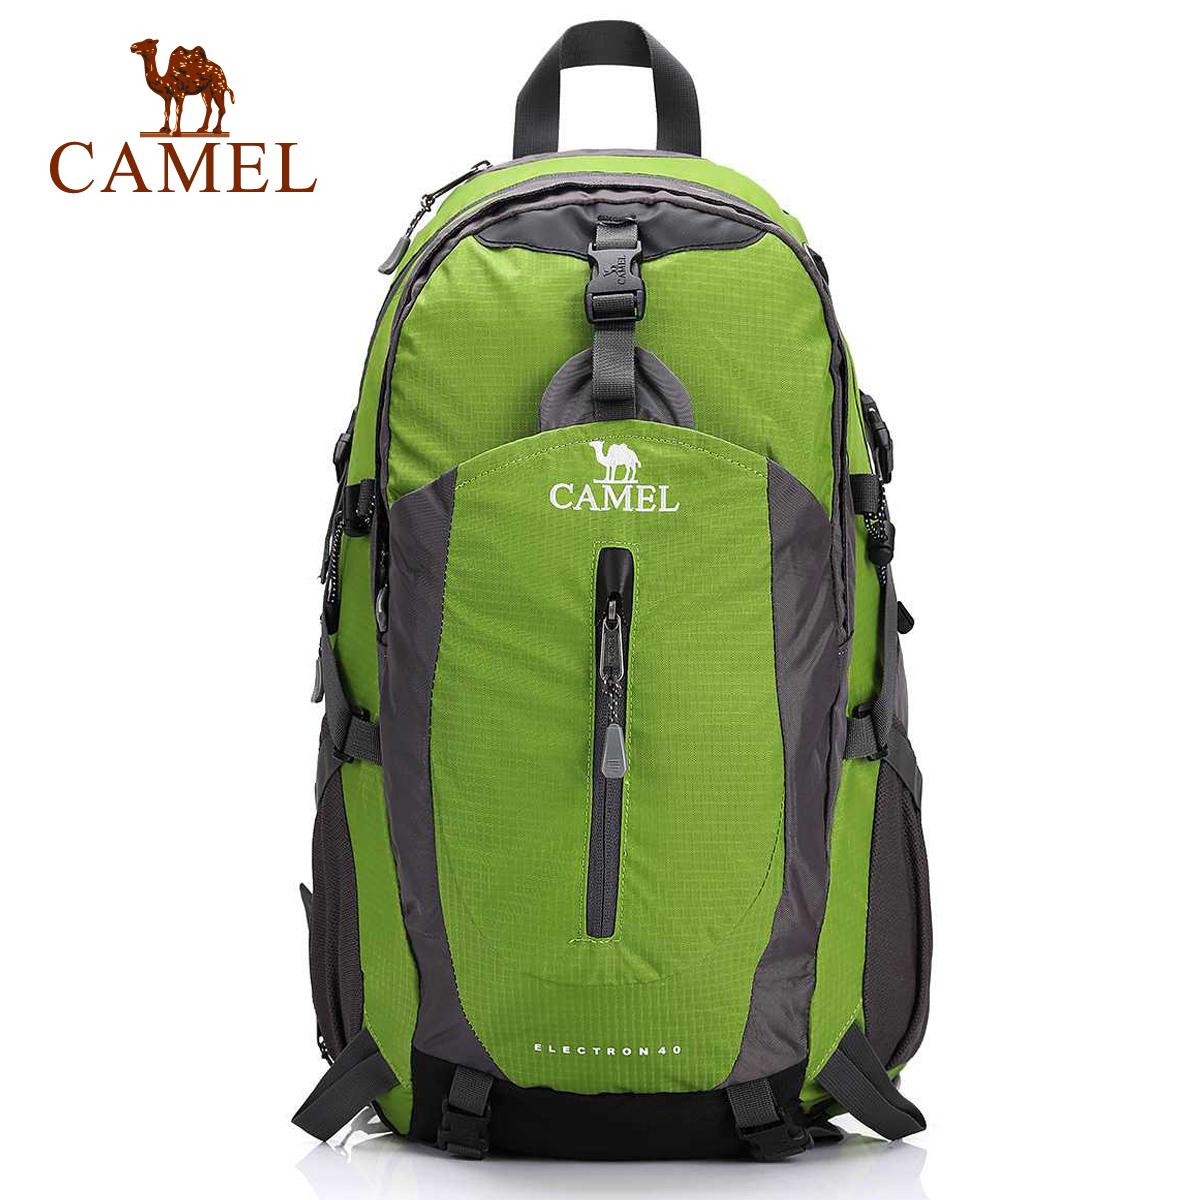 【热销6万件】CAMEL骆驼户外登山包 双肩男女旅行背包 徒步野营包